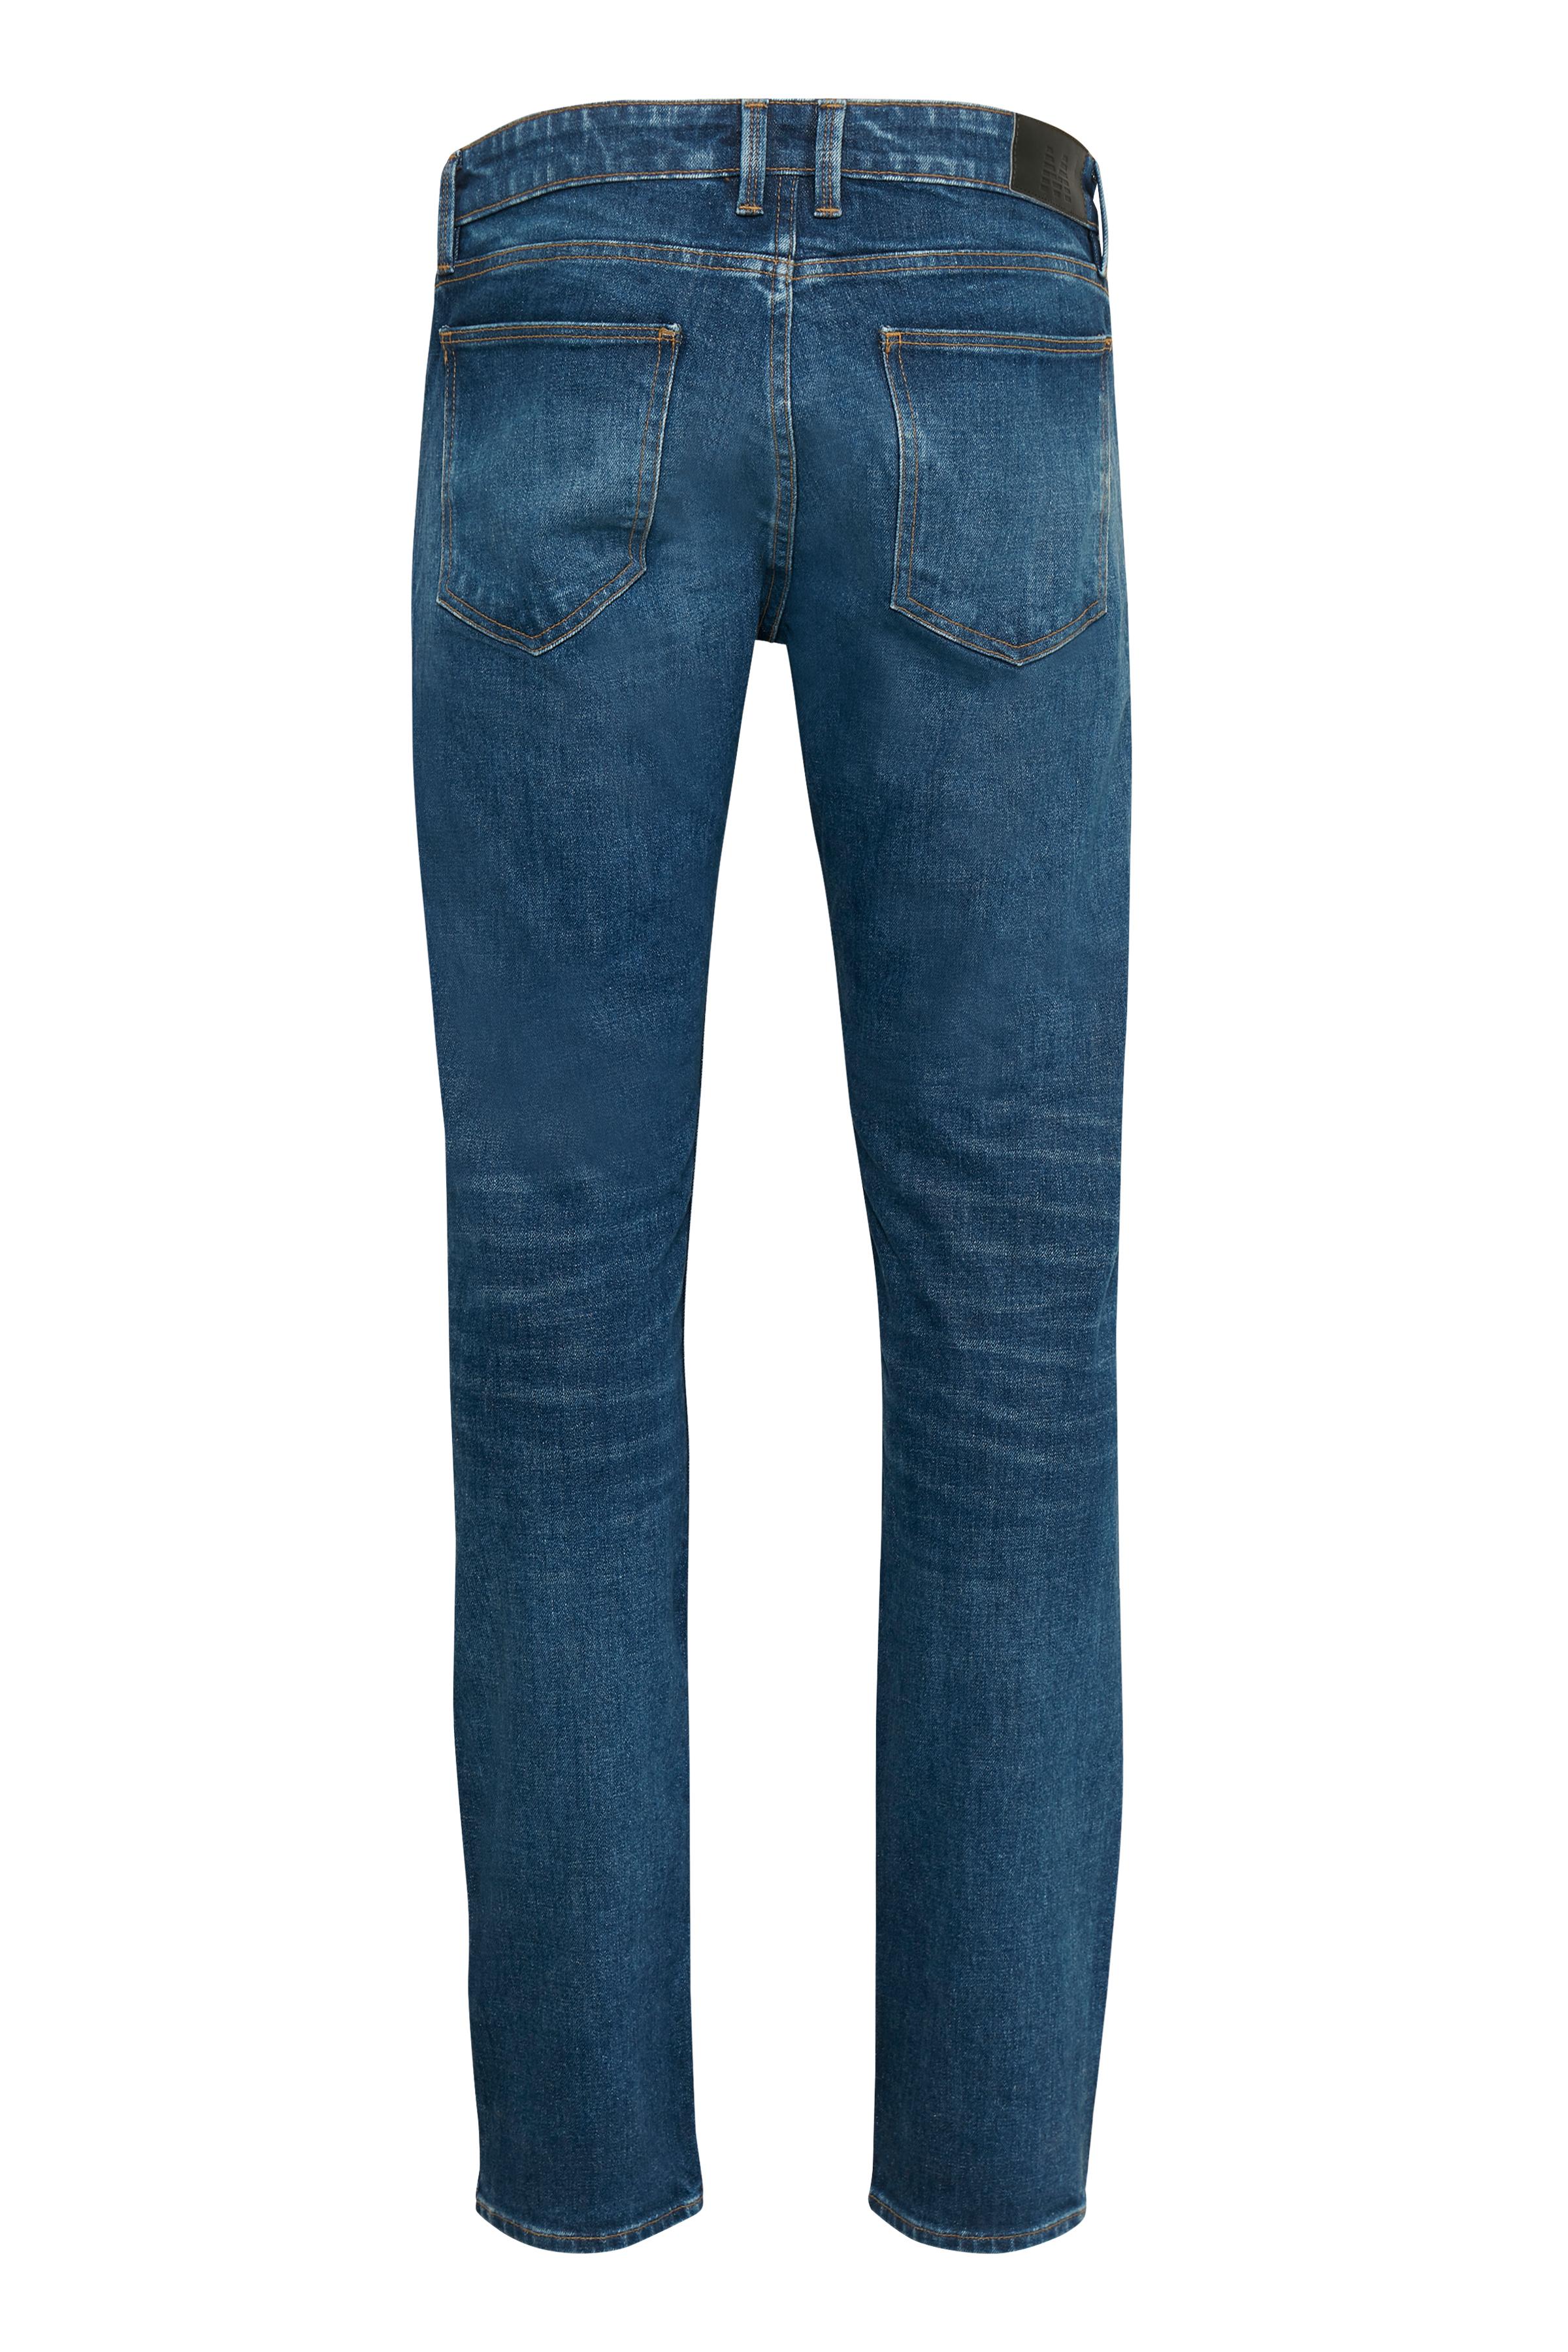 Medium Denim Jeans – Køb Medium Denim Jeans fra str. 28-40 her